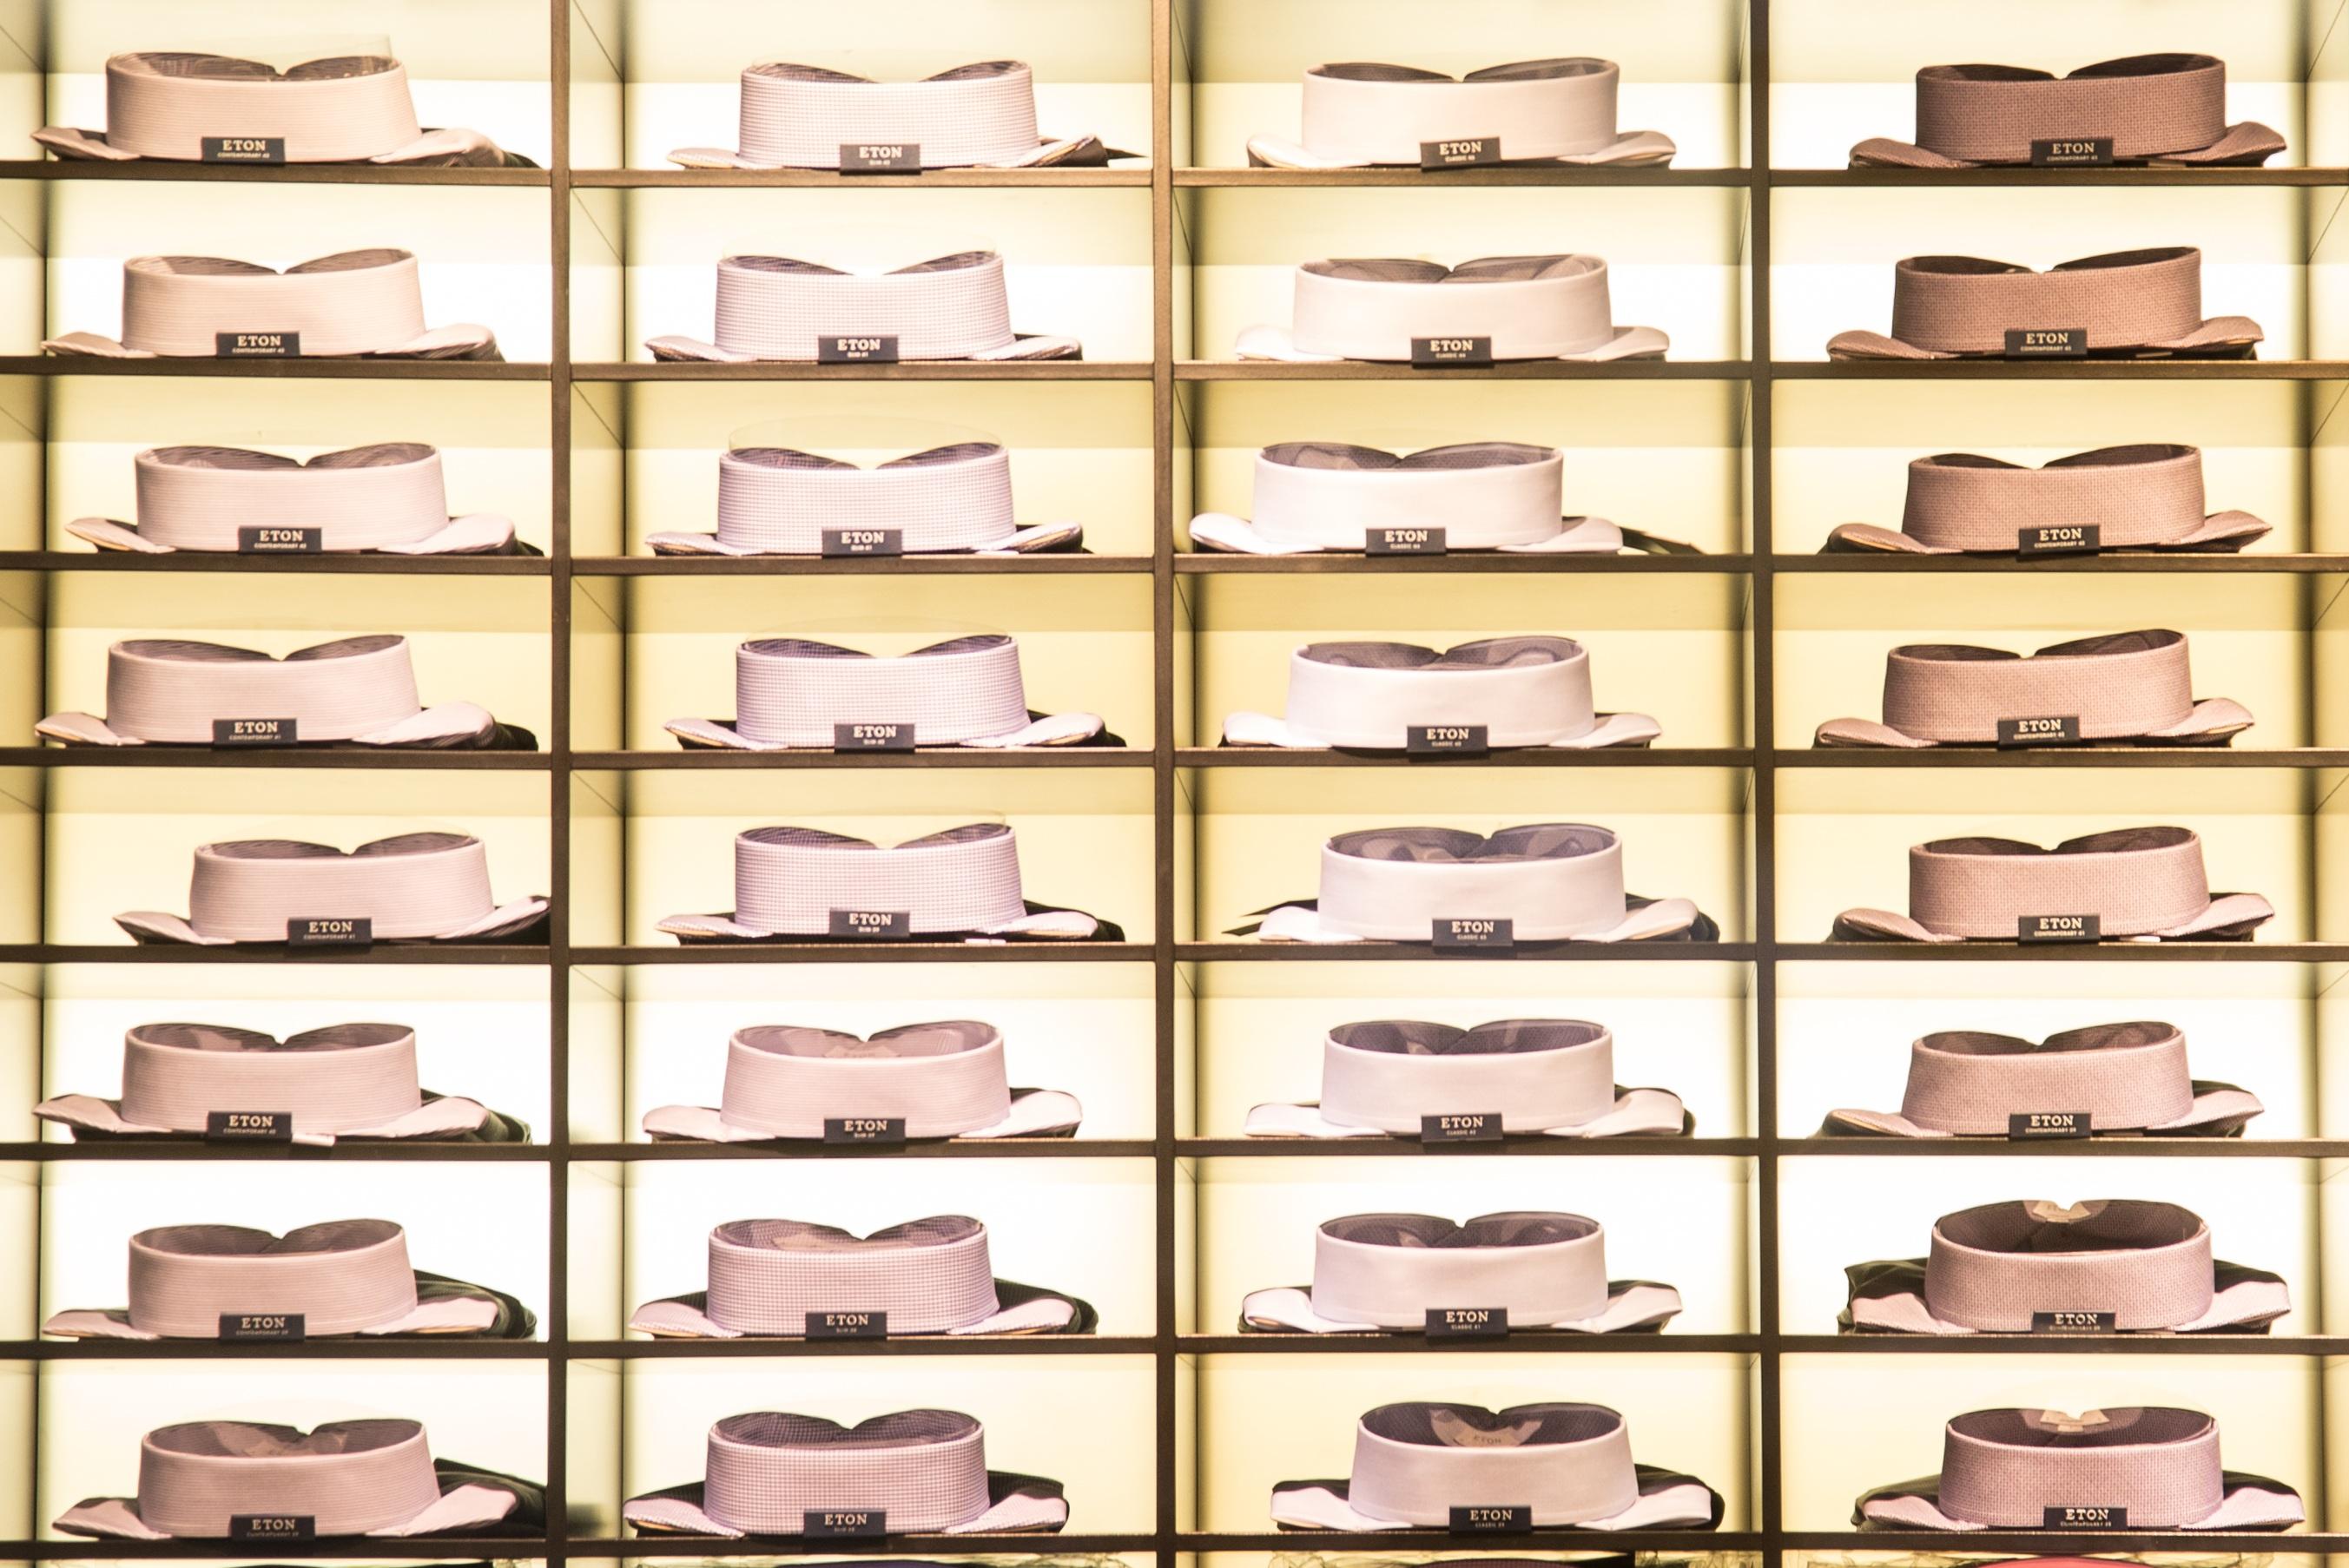 4e8259e2 tre mønster butikk butikk samling hylle mote virksomhet klær kjøpesenter  møbler skjorte klesbutikk boutique menn Kunst